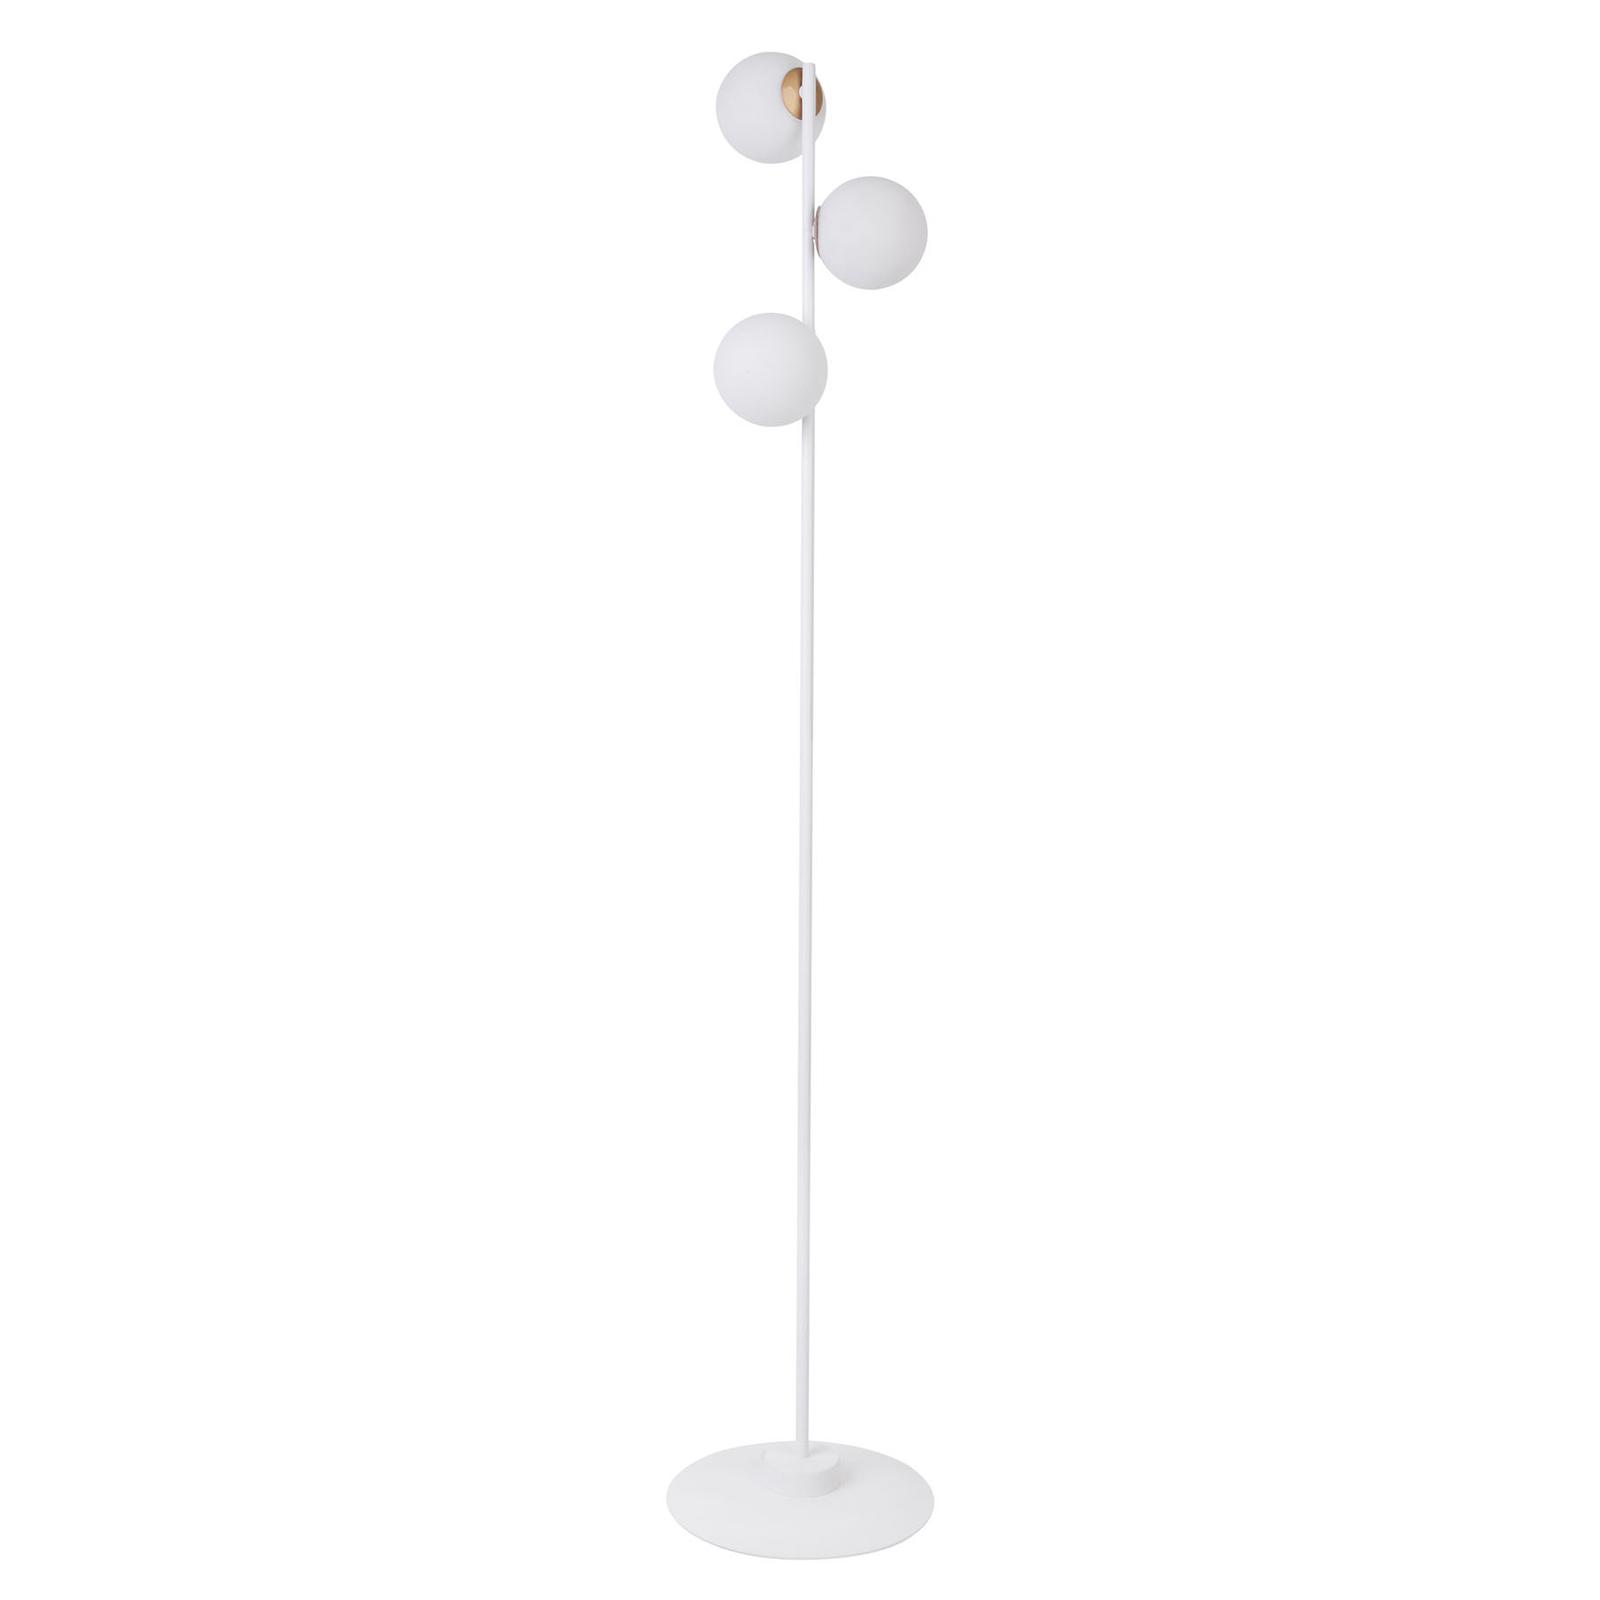 Gama 3 gulvlampe i hvid med 3 glaskugler